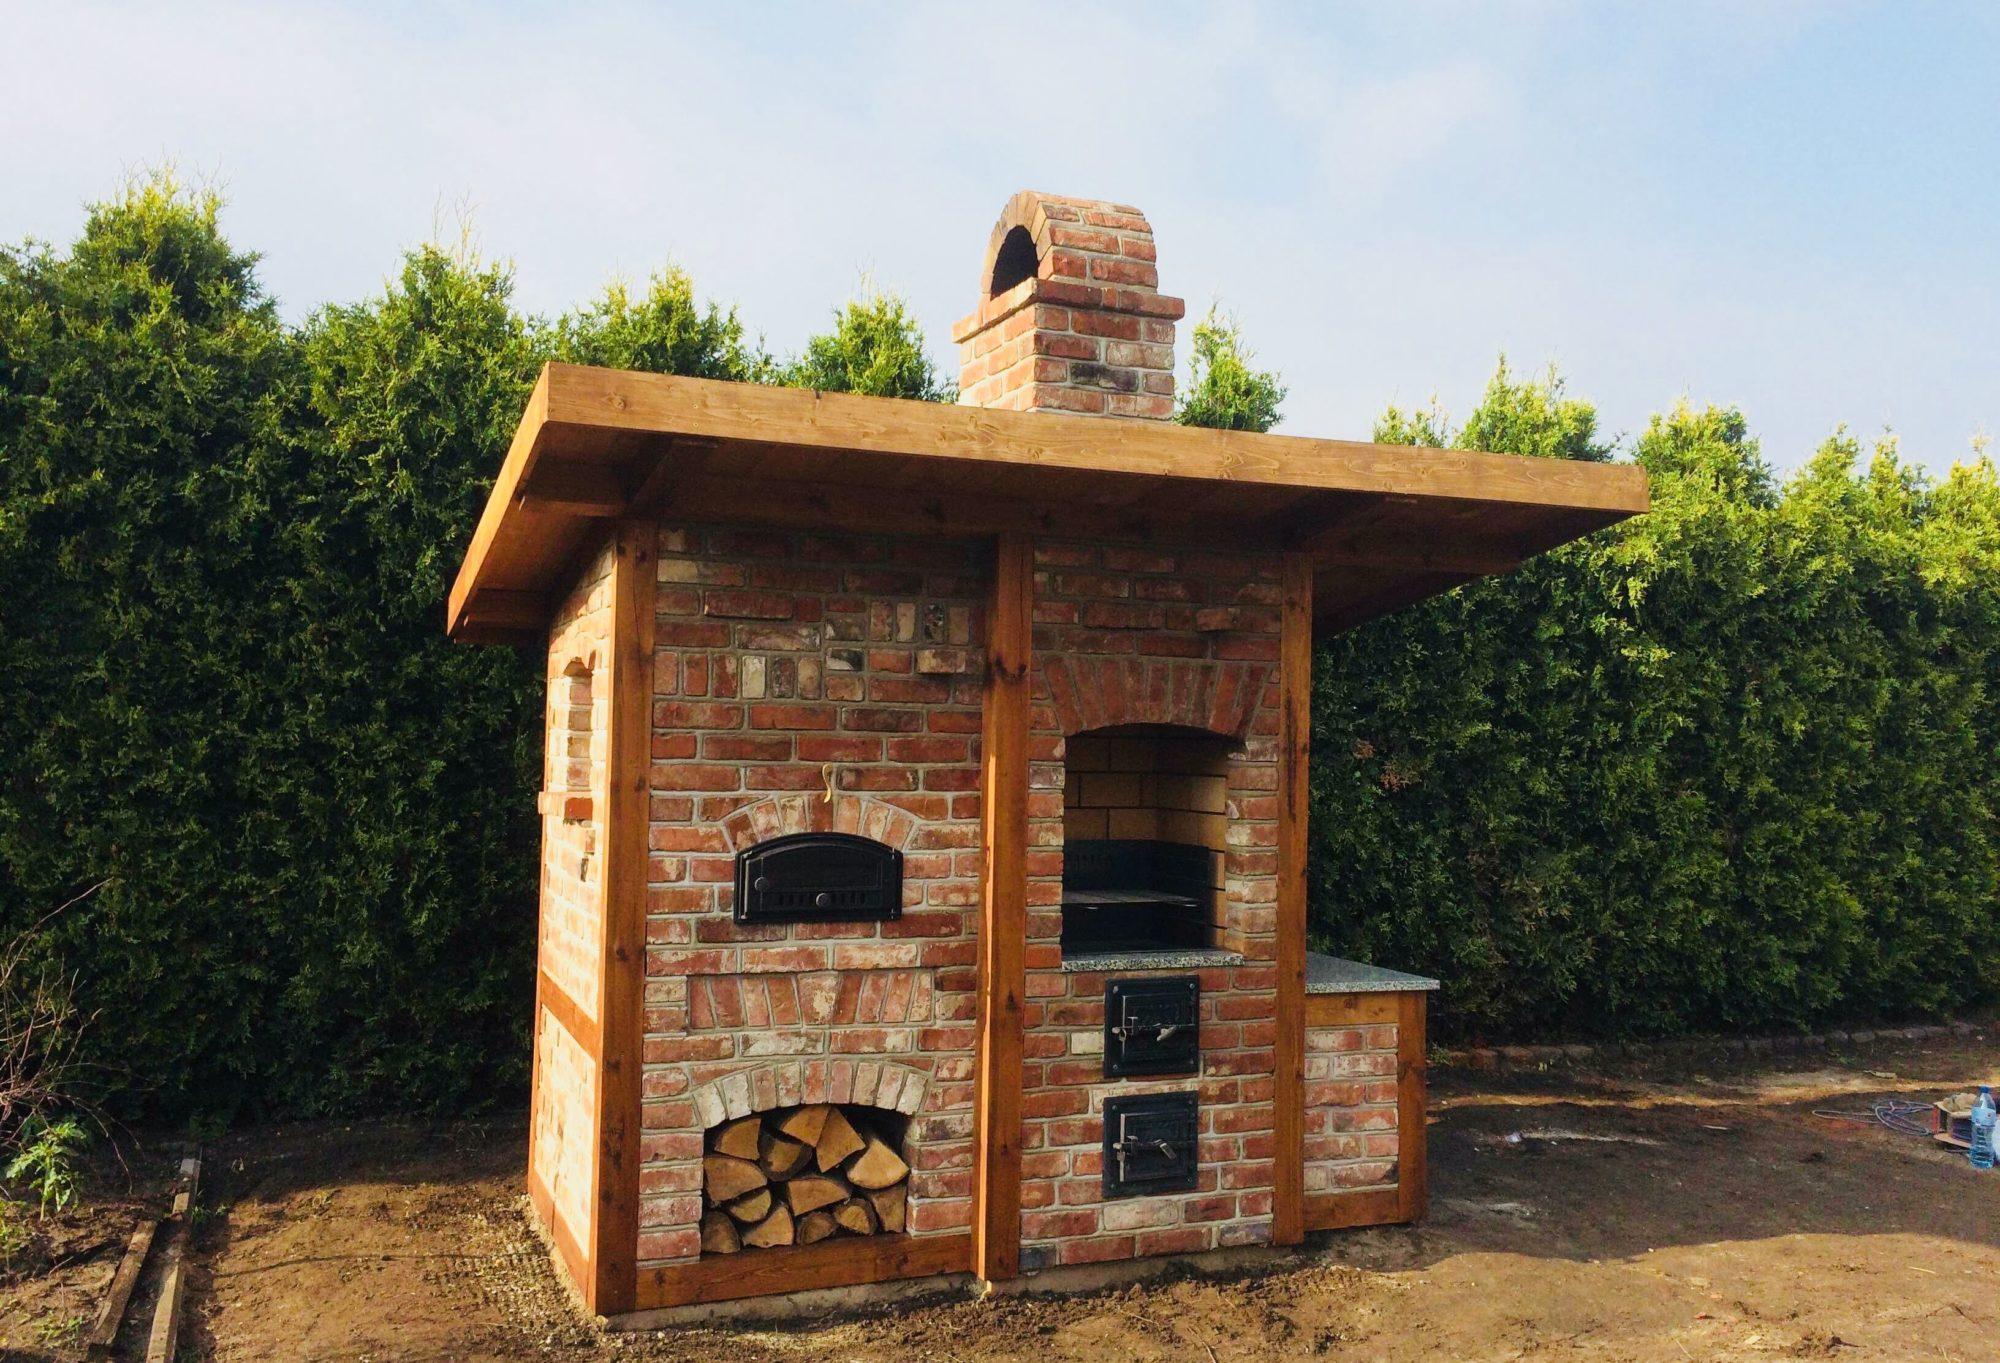 Chłodny Grill ogrodowy murowany | Grill murowany w ogrodzie z cegły HT83